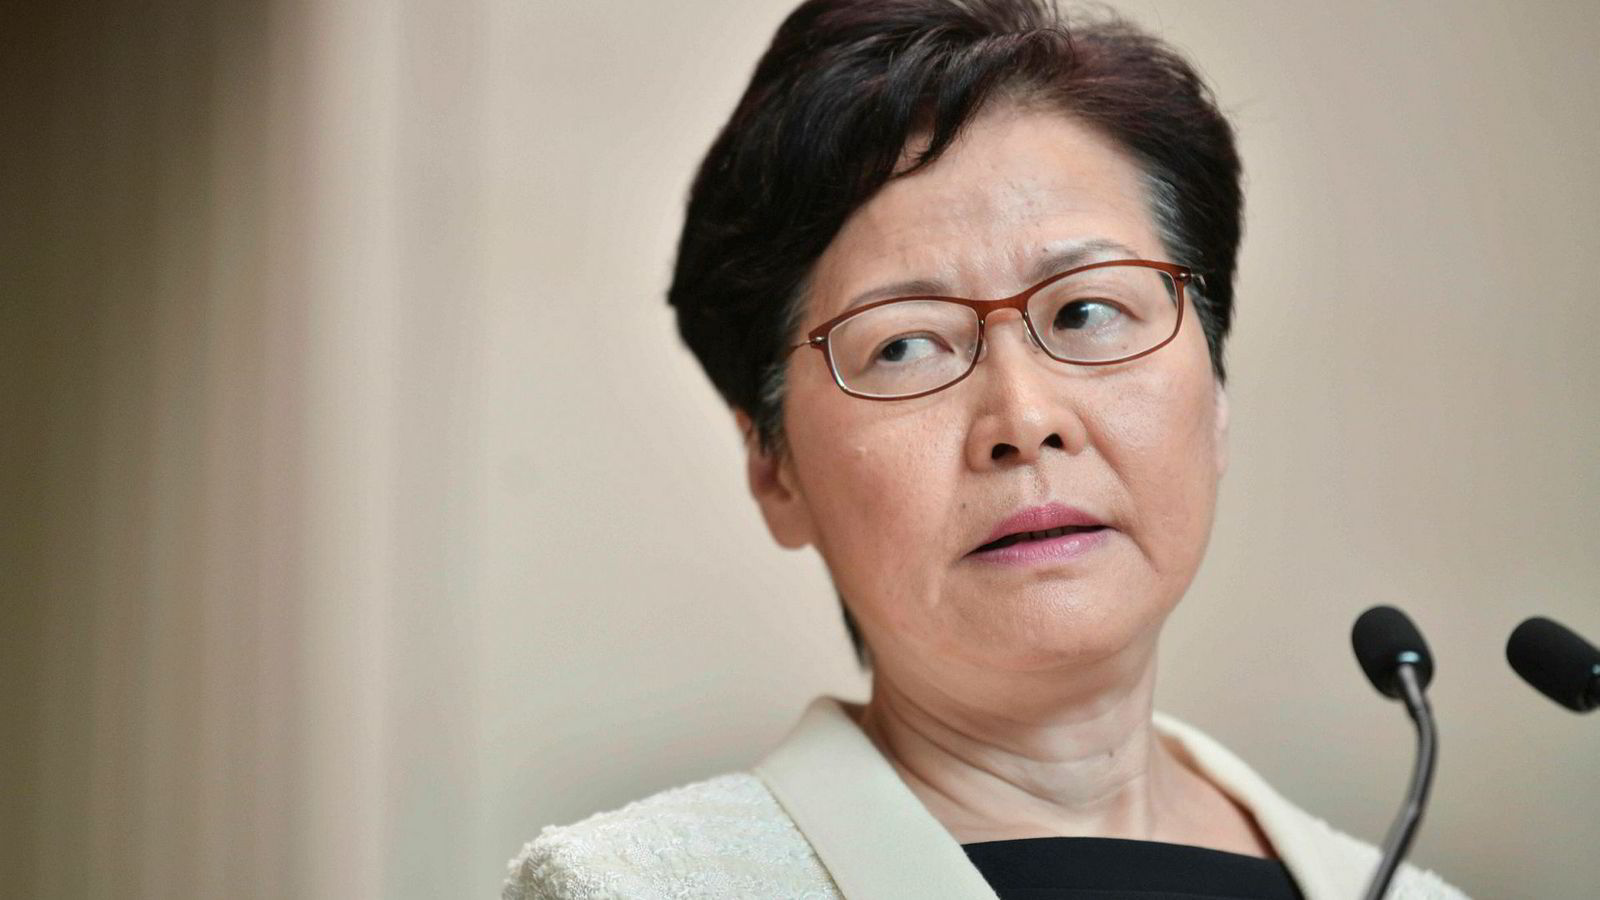 Ifølge Hongkongs politiske leder Carrie Lam jobbes det med å stanse den kaotiske situasjonen i finansbyen. – Vi må jobbe mot forsoning i samfunnet ved å kommunisere med ulike mennesker. Jeg vet dette ikke blir enkelt, men ved å jobbe sammen kan vi klare det, sa hun på en pressekonferanse tirsdag.